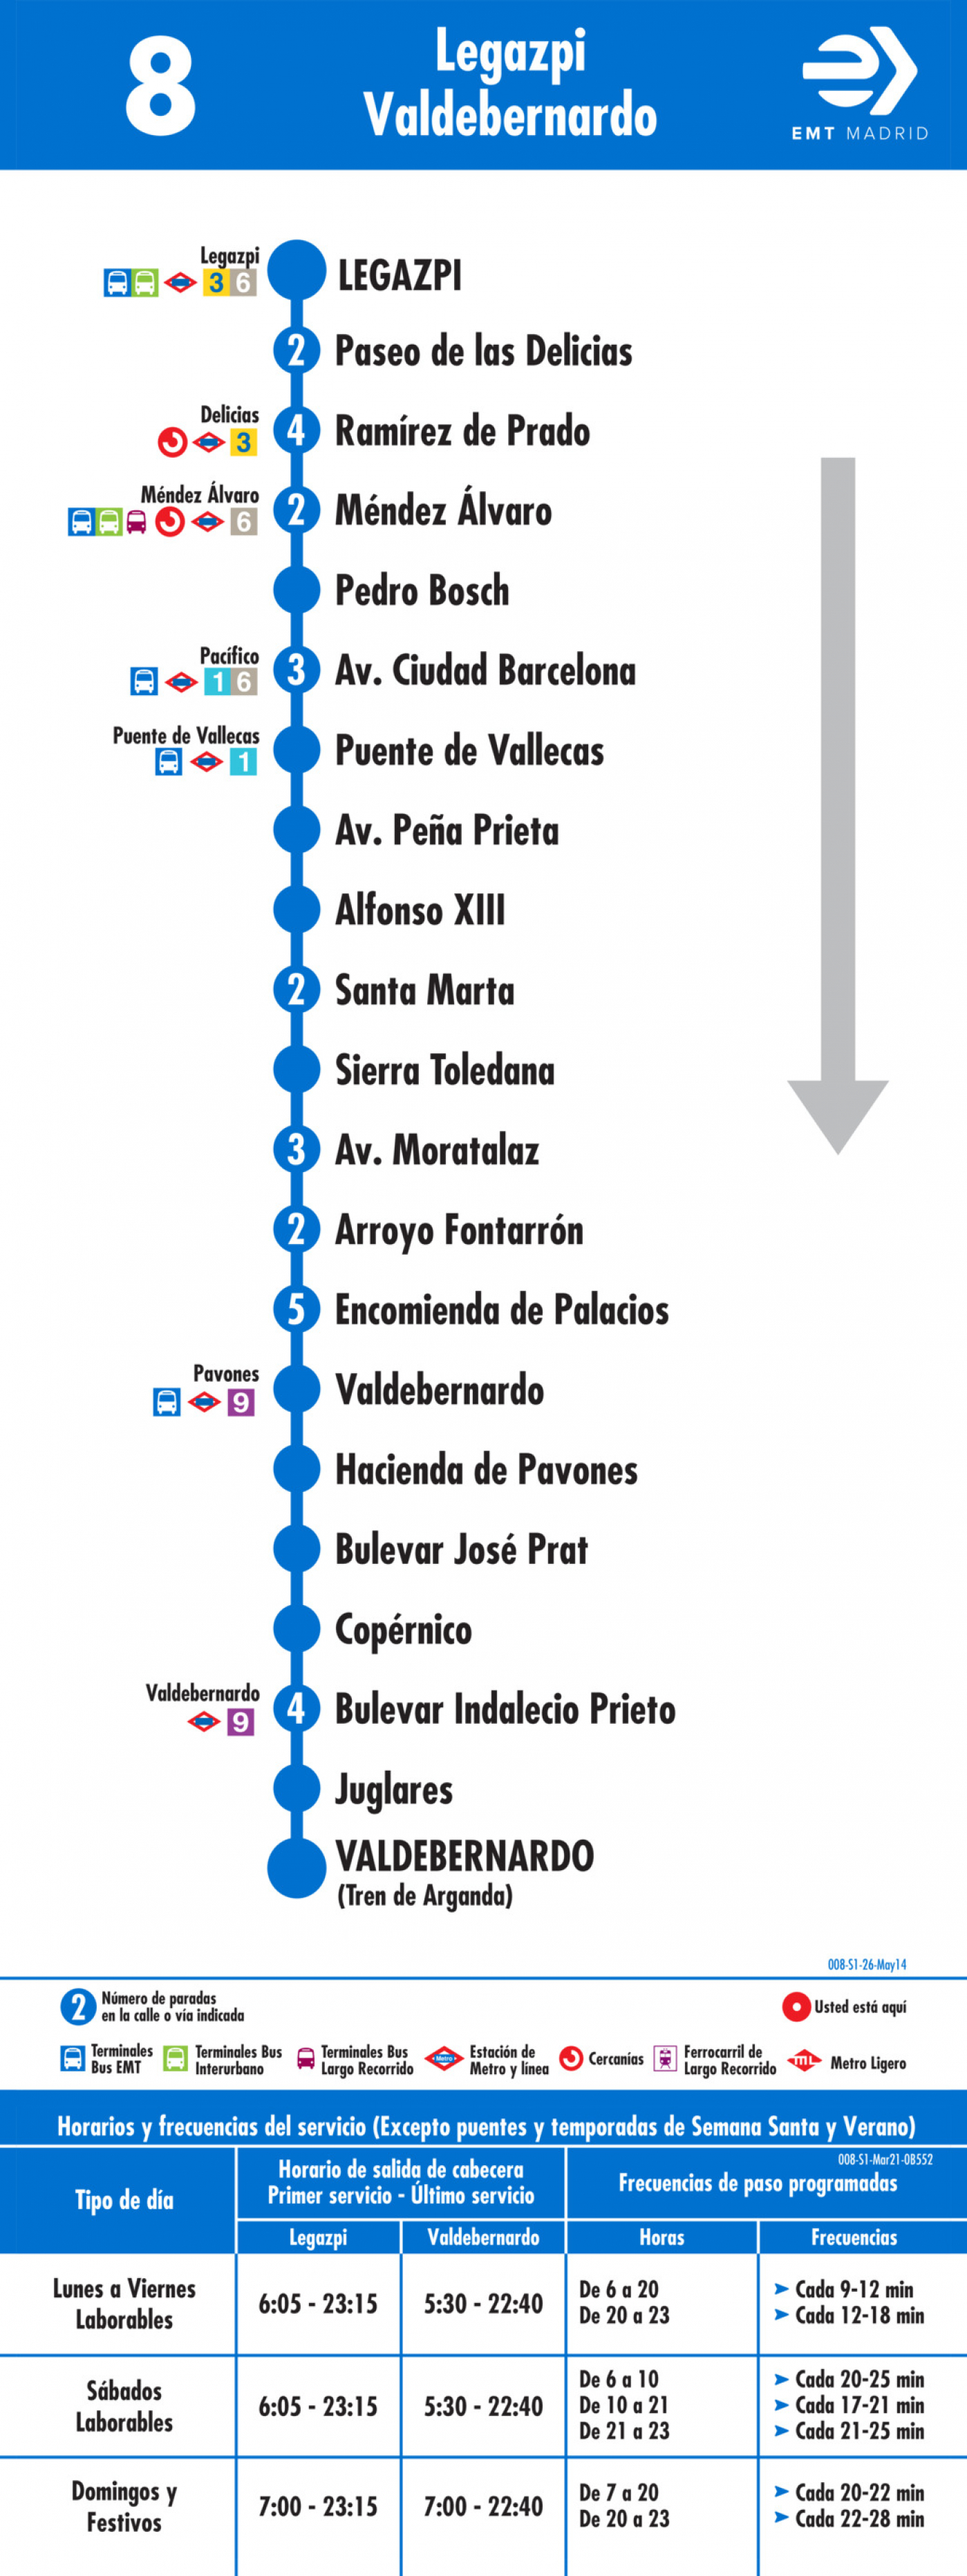 Tabla de horarios y frecuencias de paso en sentido ida Línea 8: Plaza de Legazpi - Valdebernardo